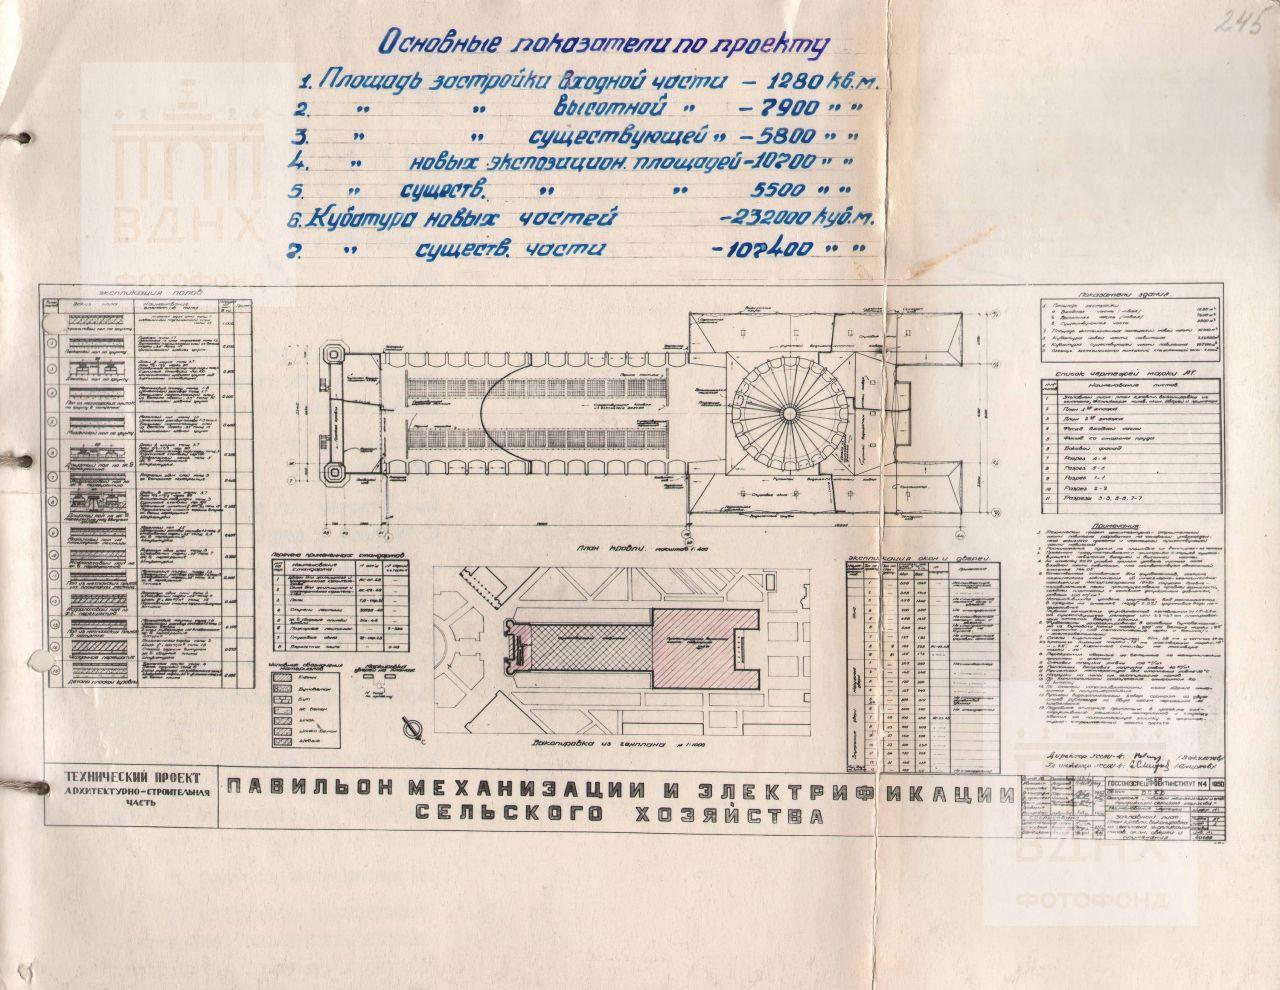 Павильон механизации. Заглавный лист проекта